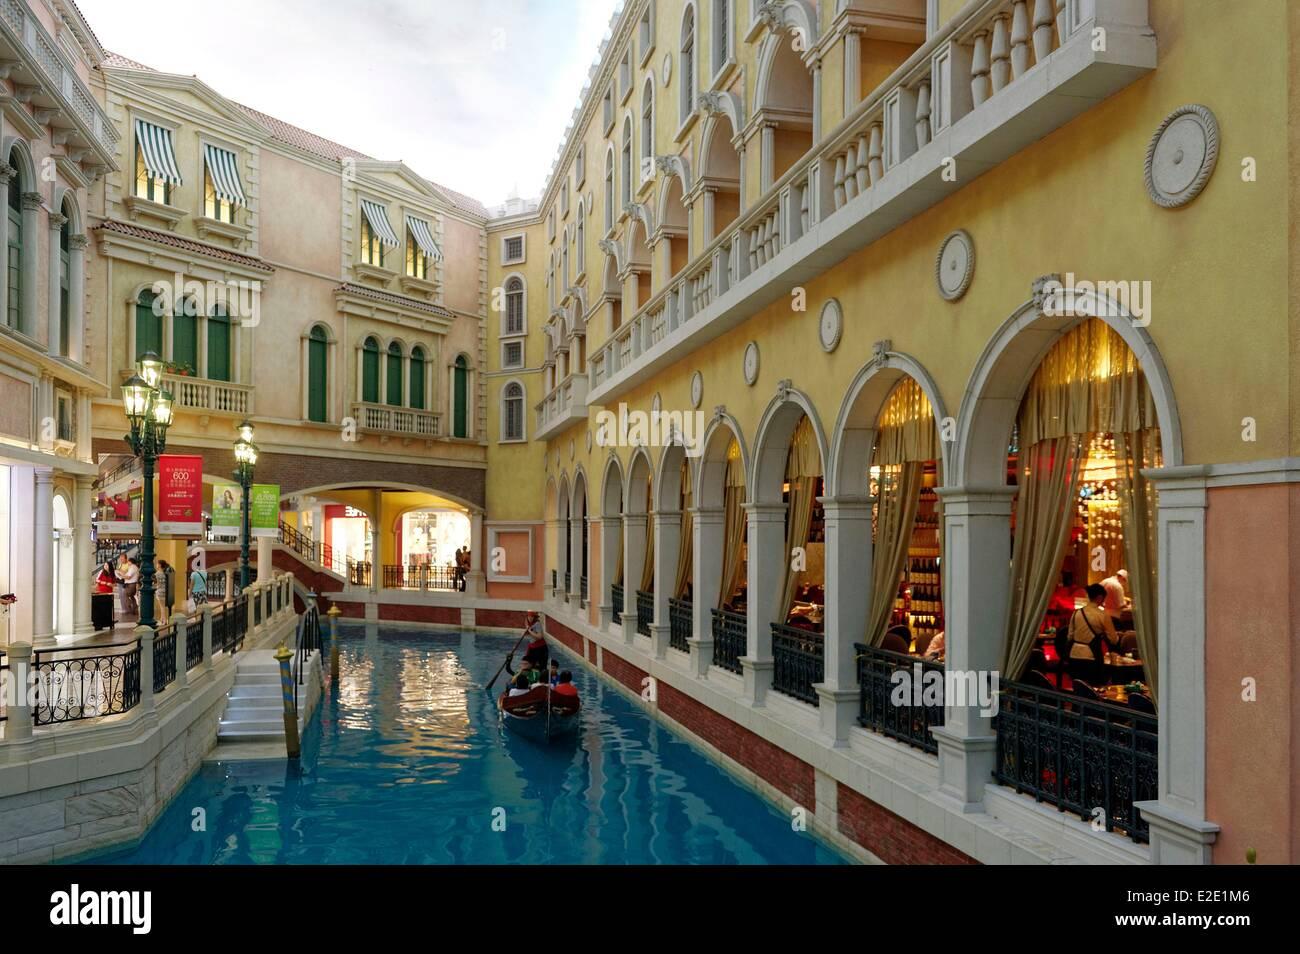 Macau island casino hotel dgk leicester skate tour casino